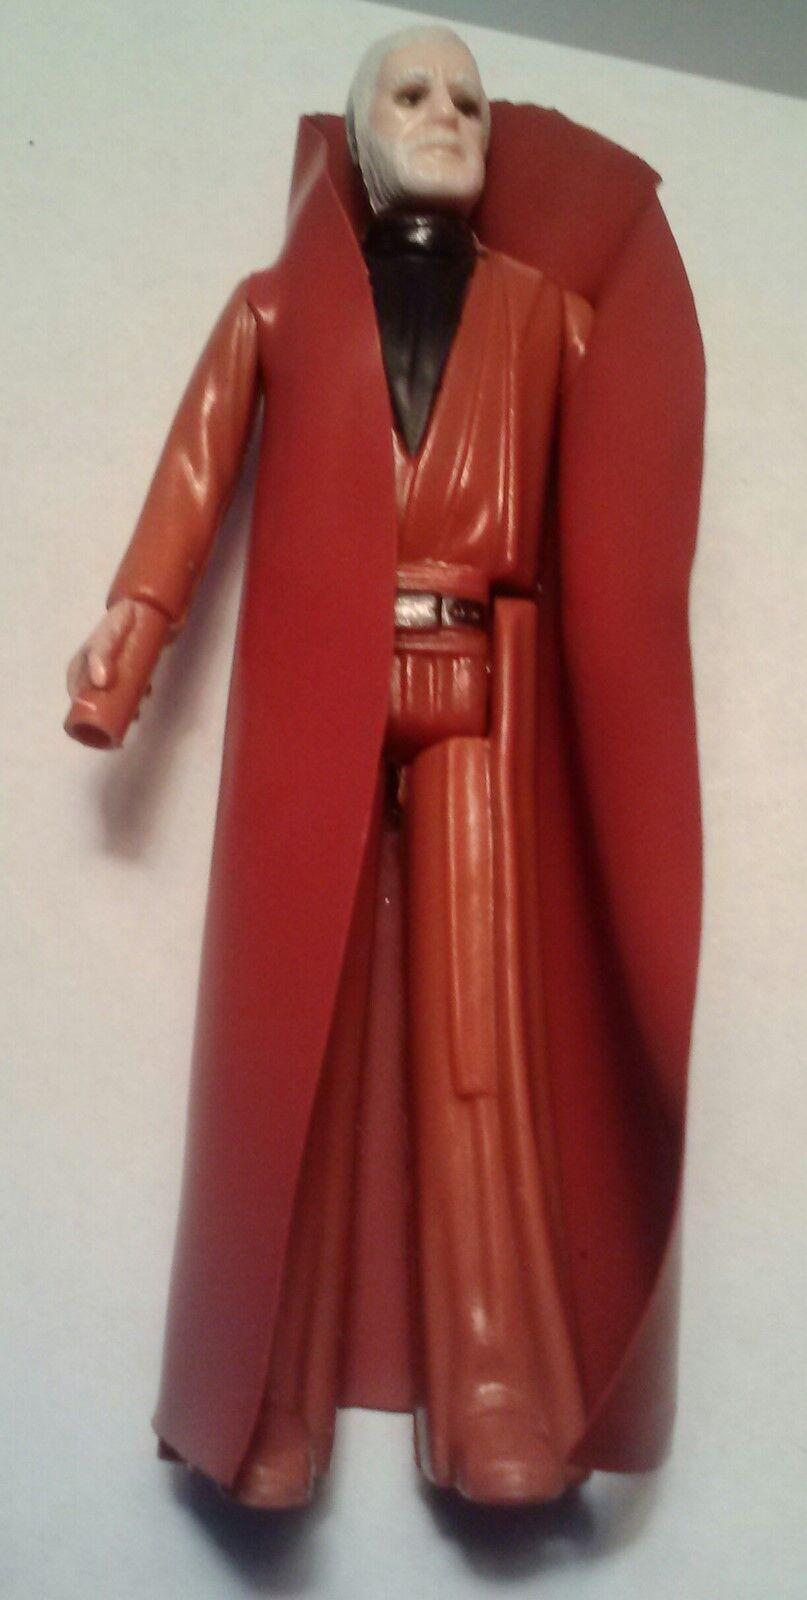 Vintage Star Wars Ben Kenobi Hong Kong COO - complete all original vintage